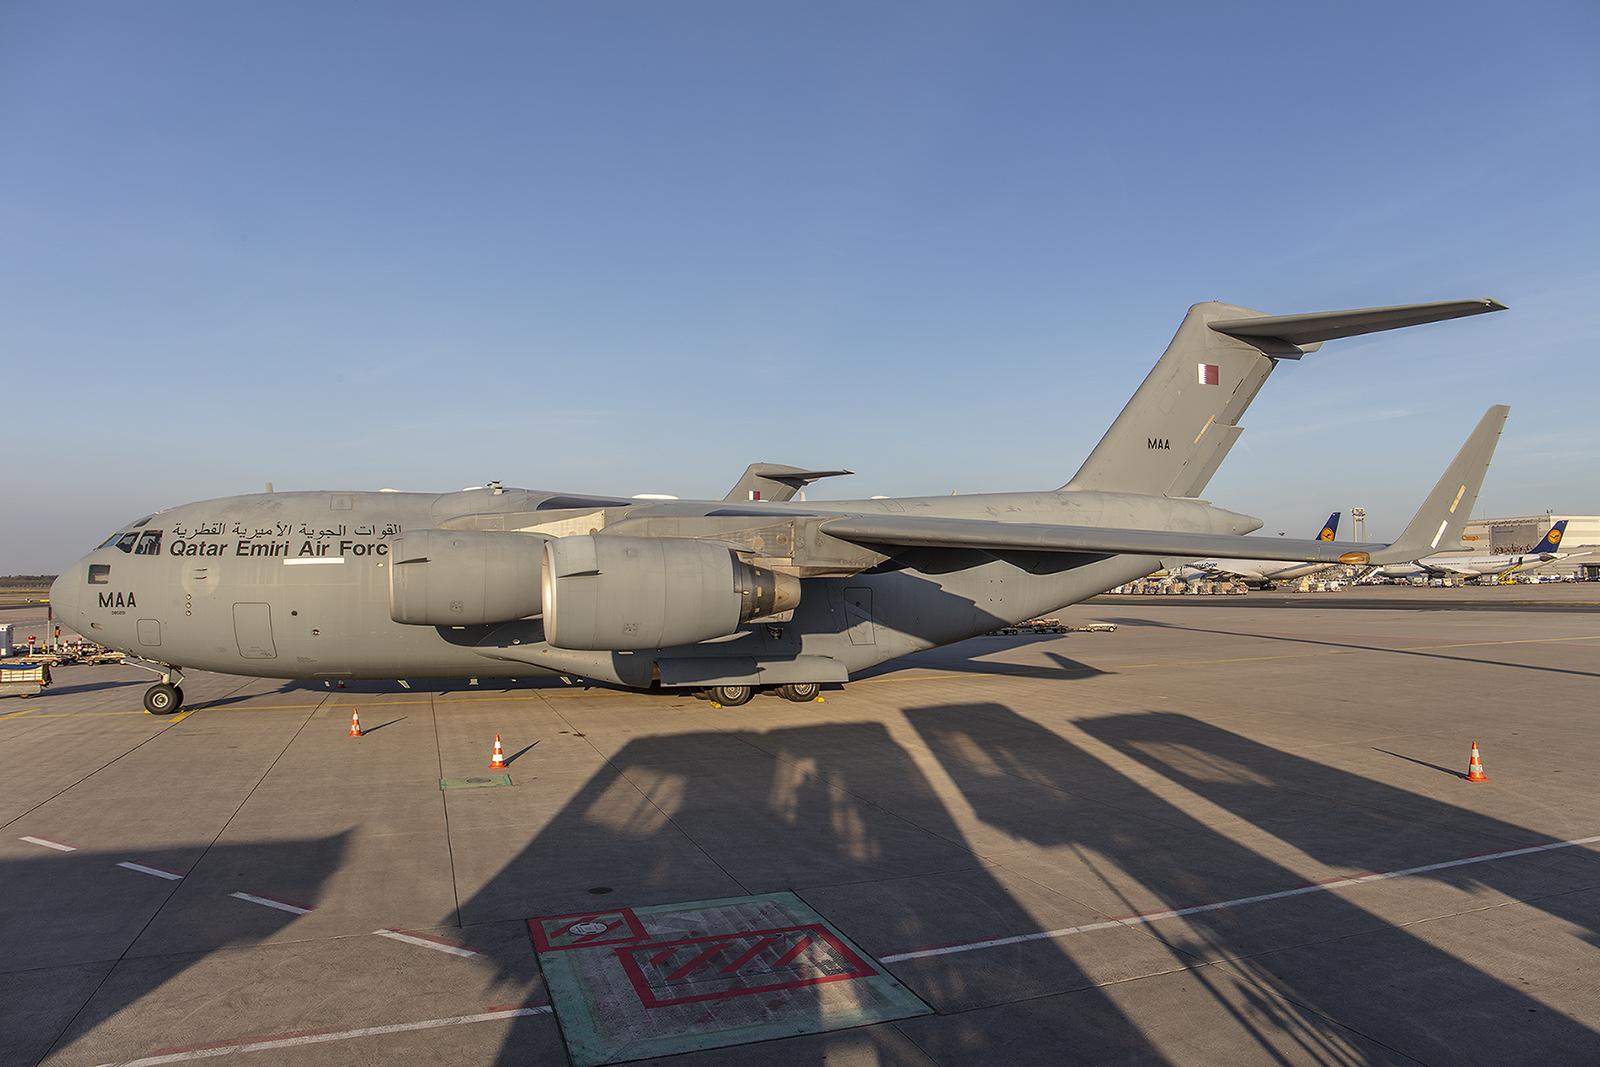 Eine Woche blieben die C-17 aus Katar in Frankfurt.